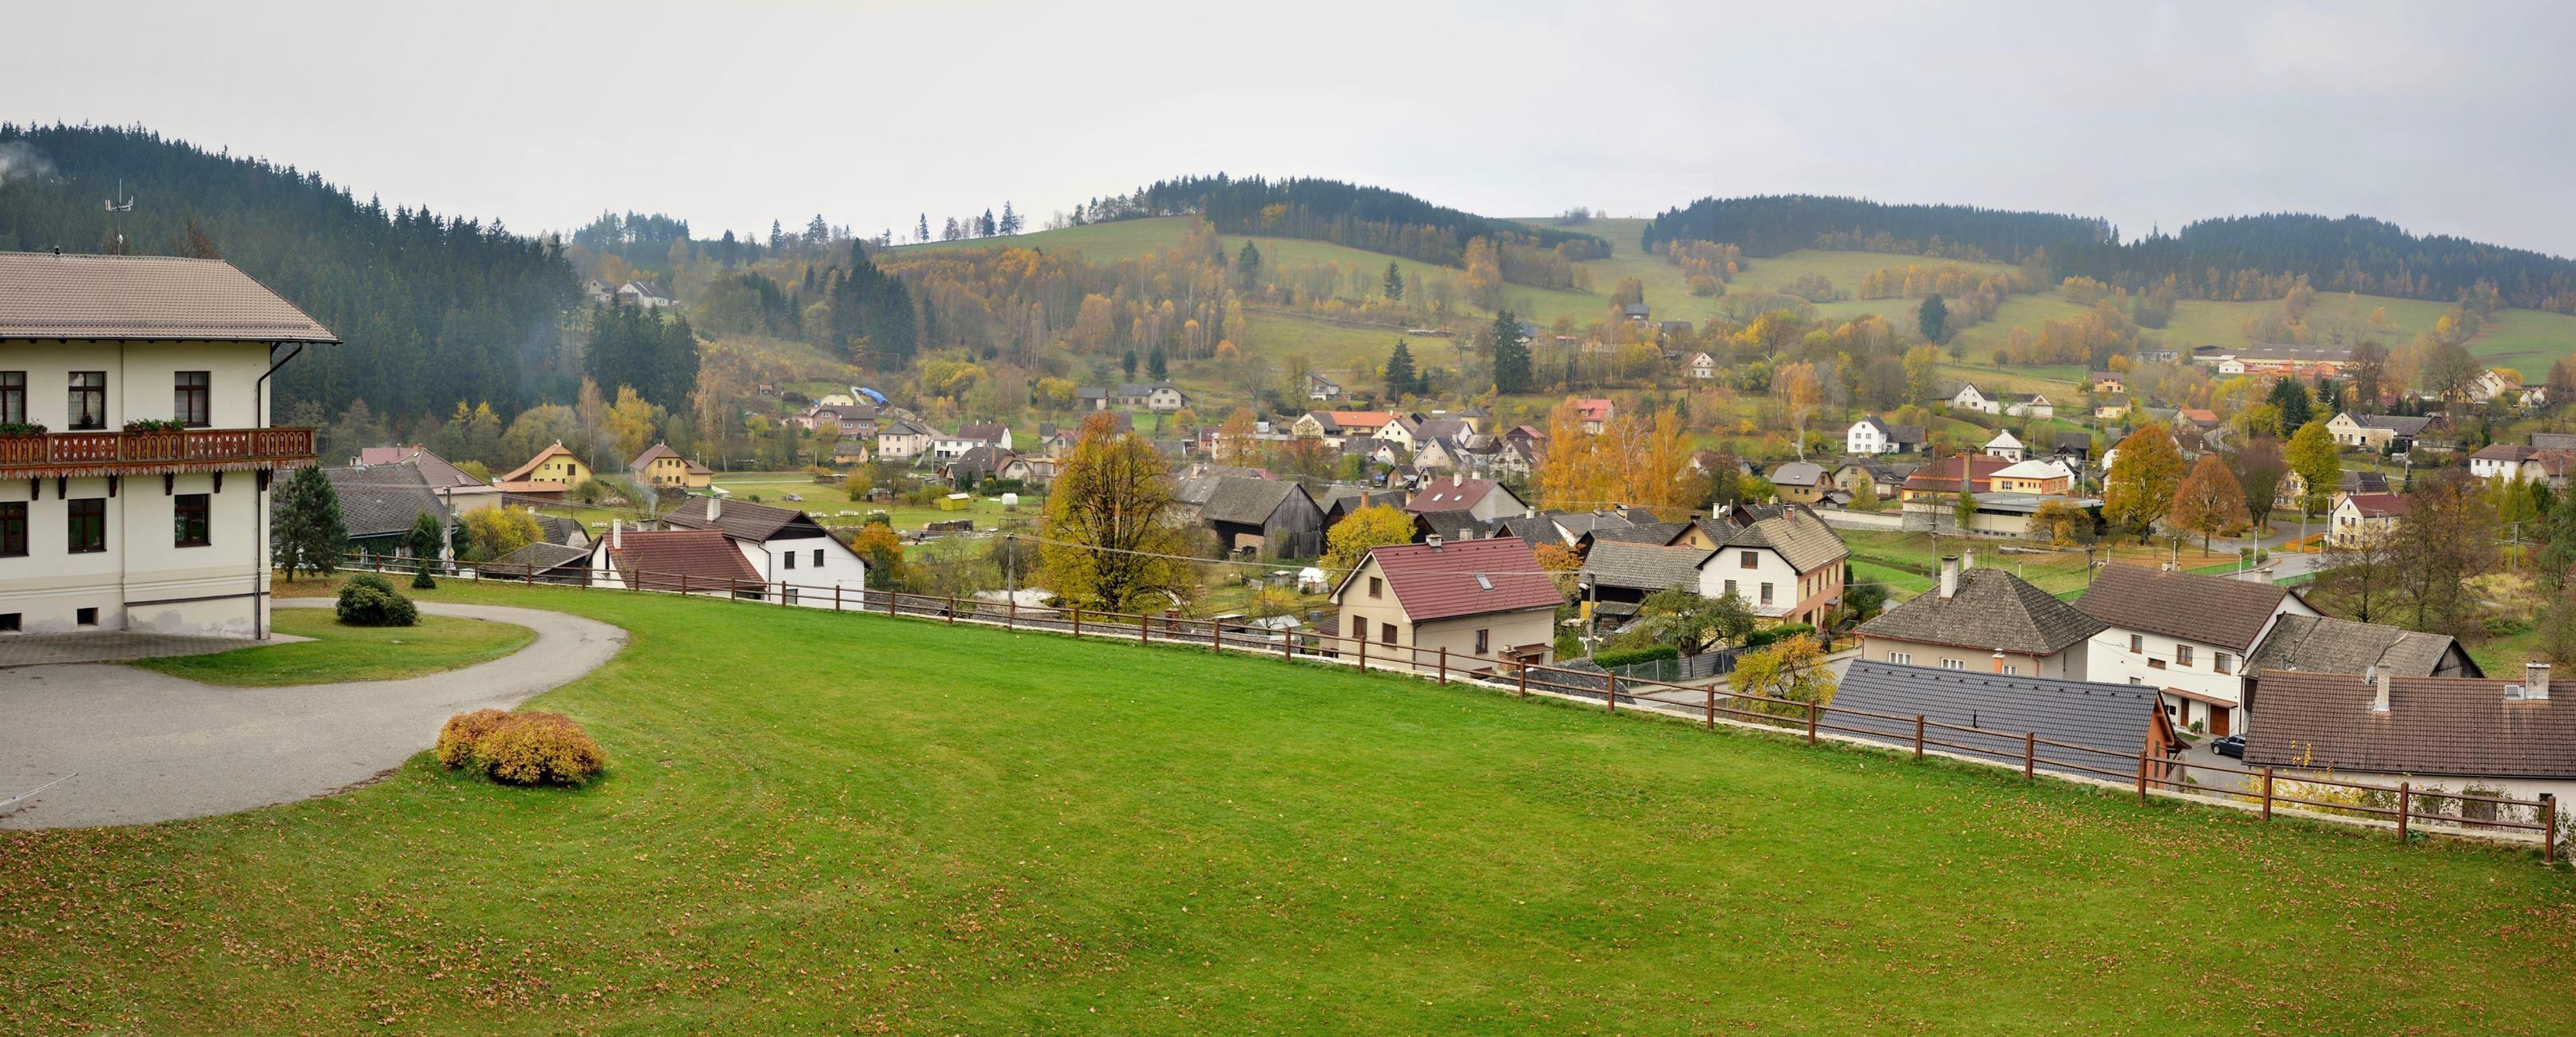 Zajímavé lokality k navštívení - pohled z hradu na zámek a okolí